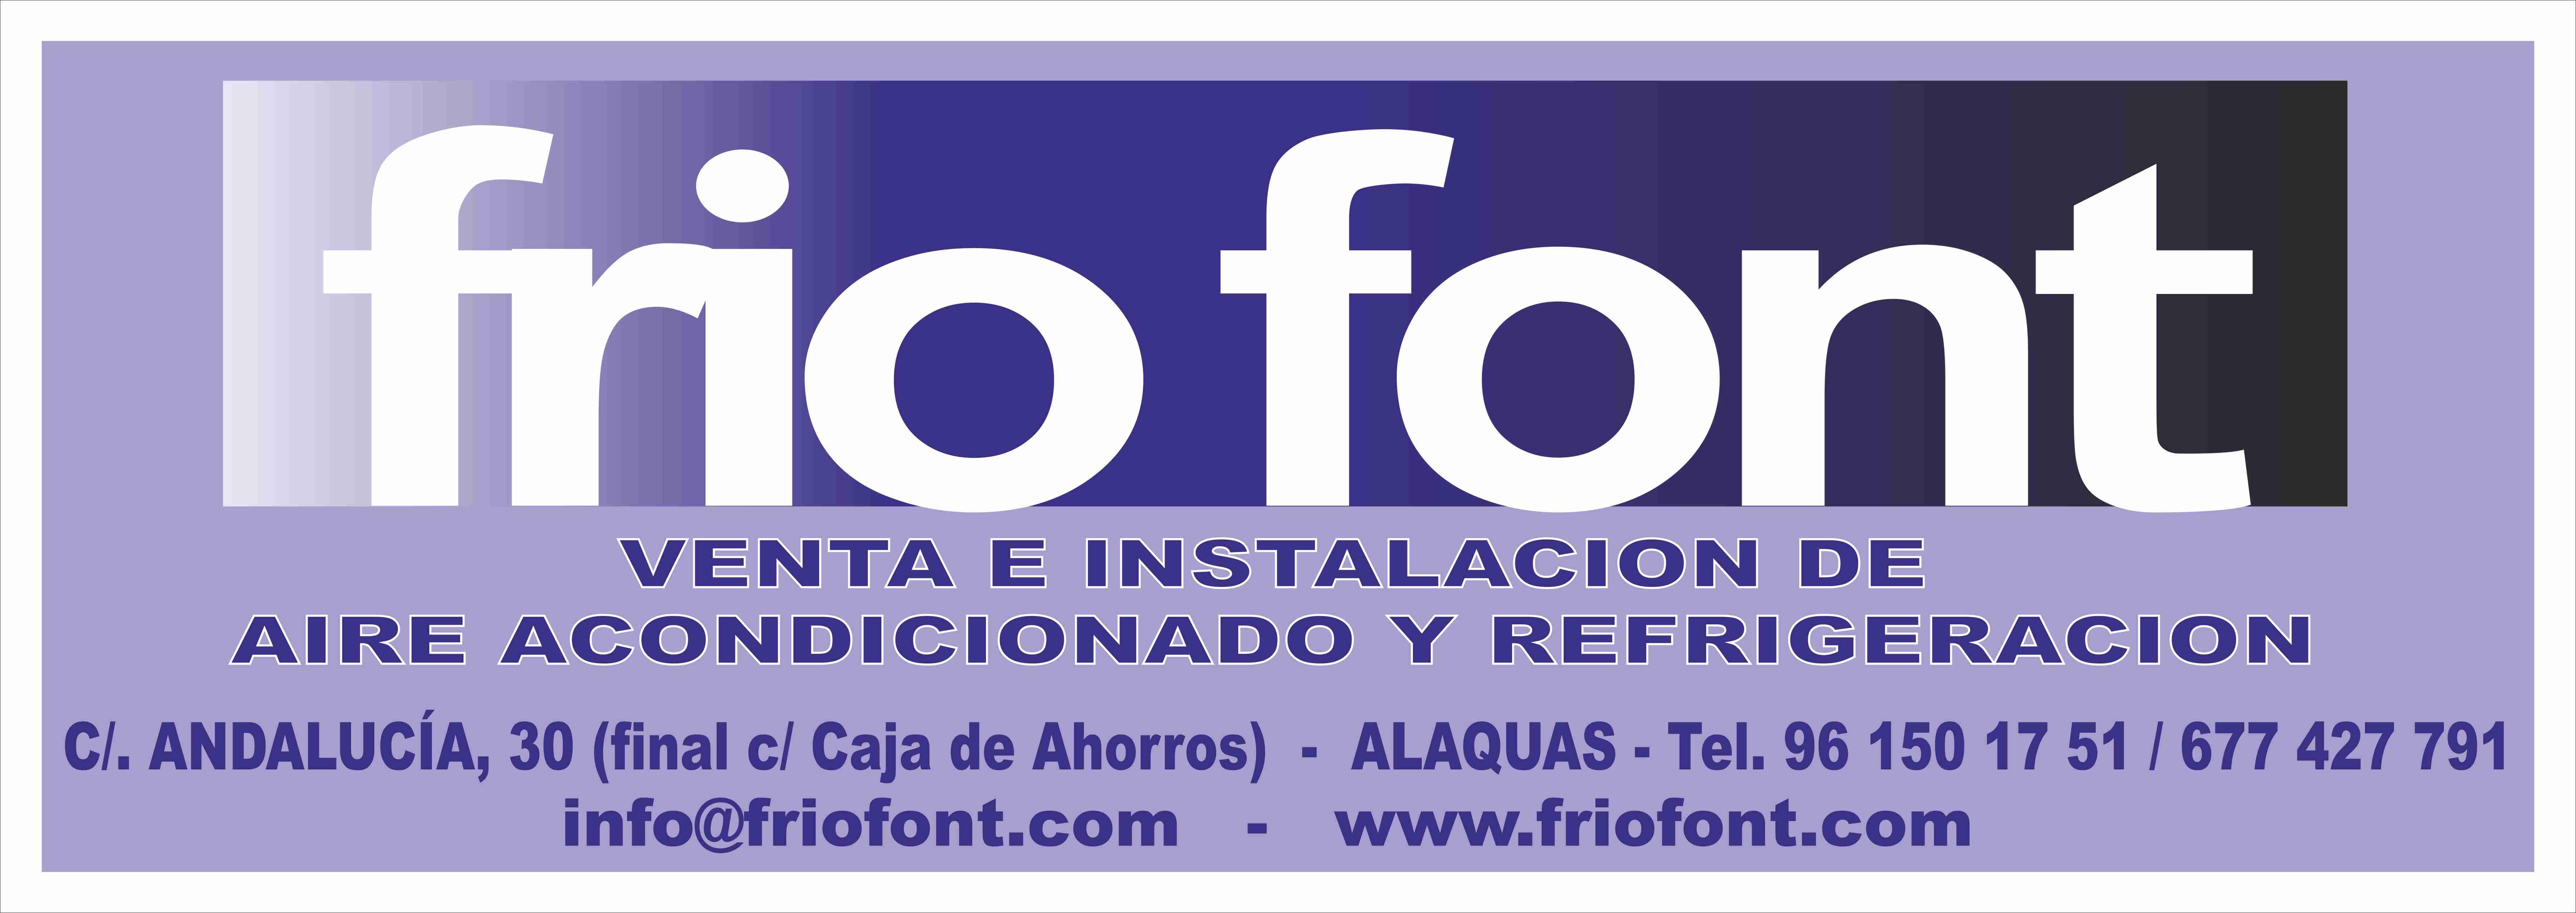 Friofont